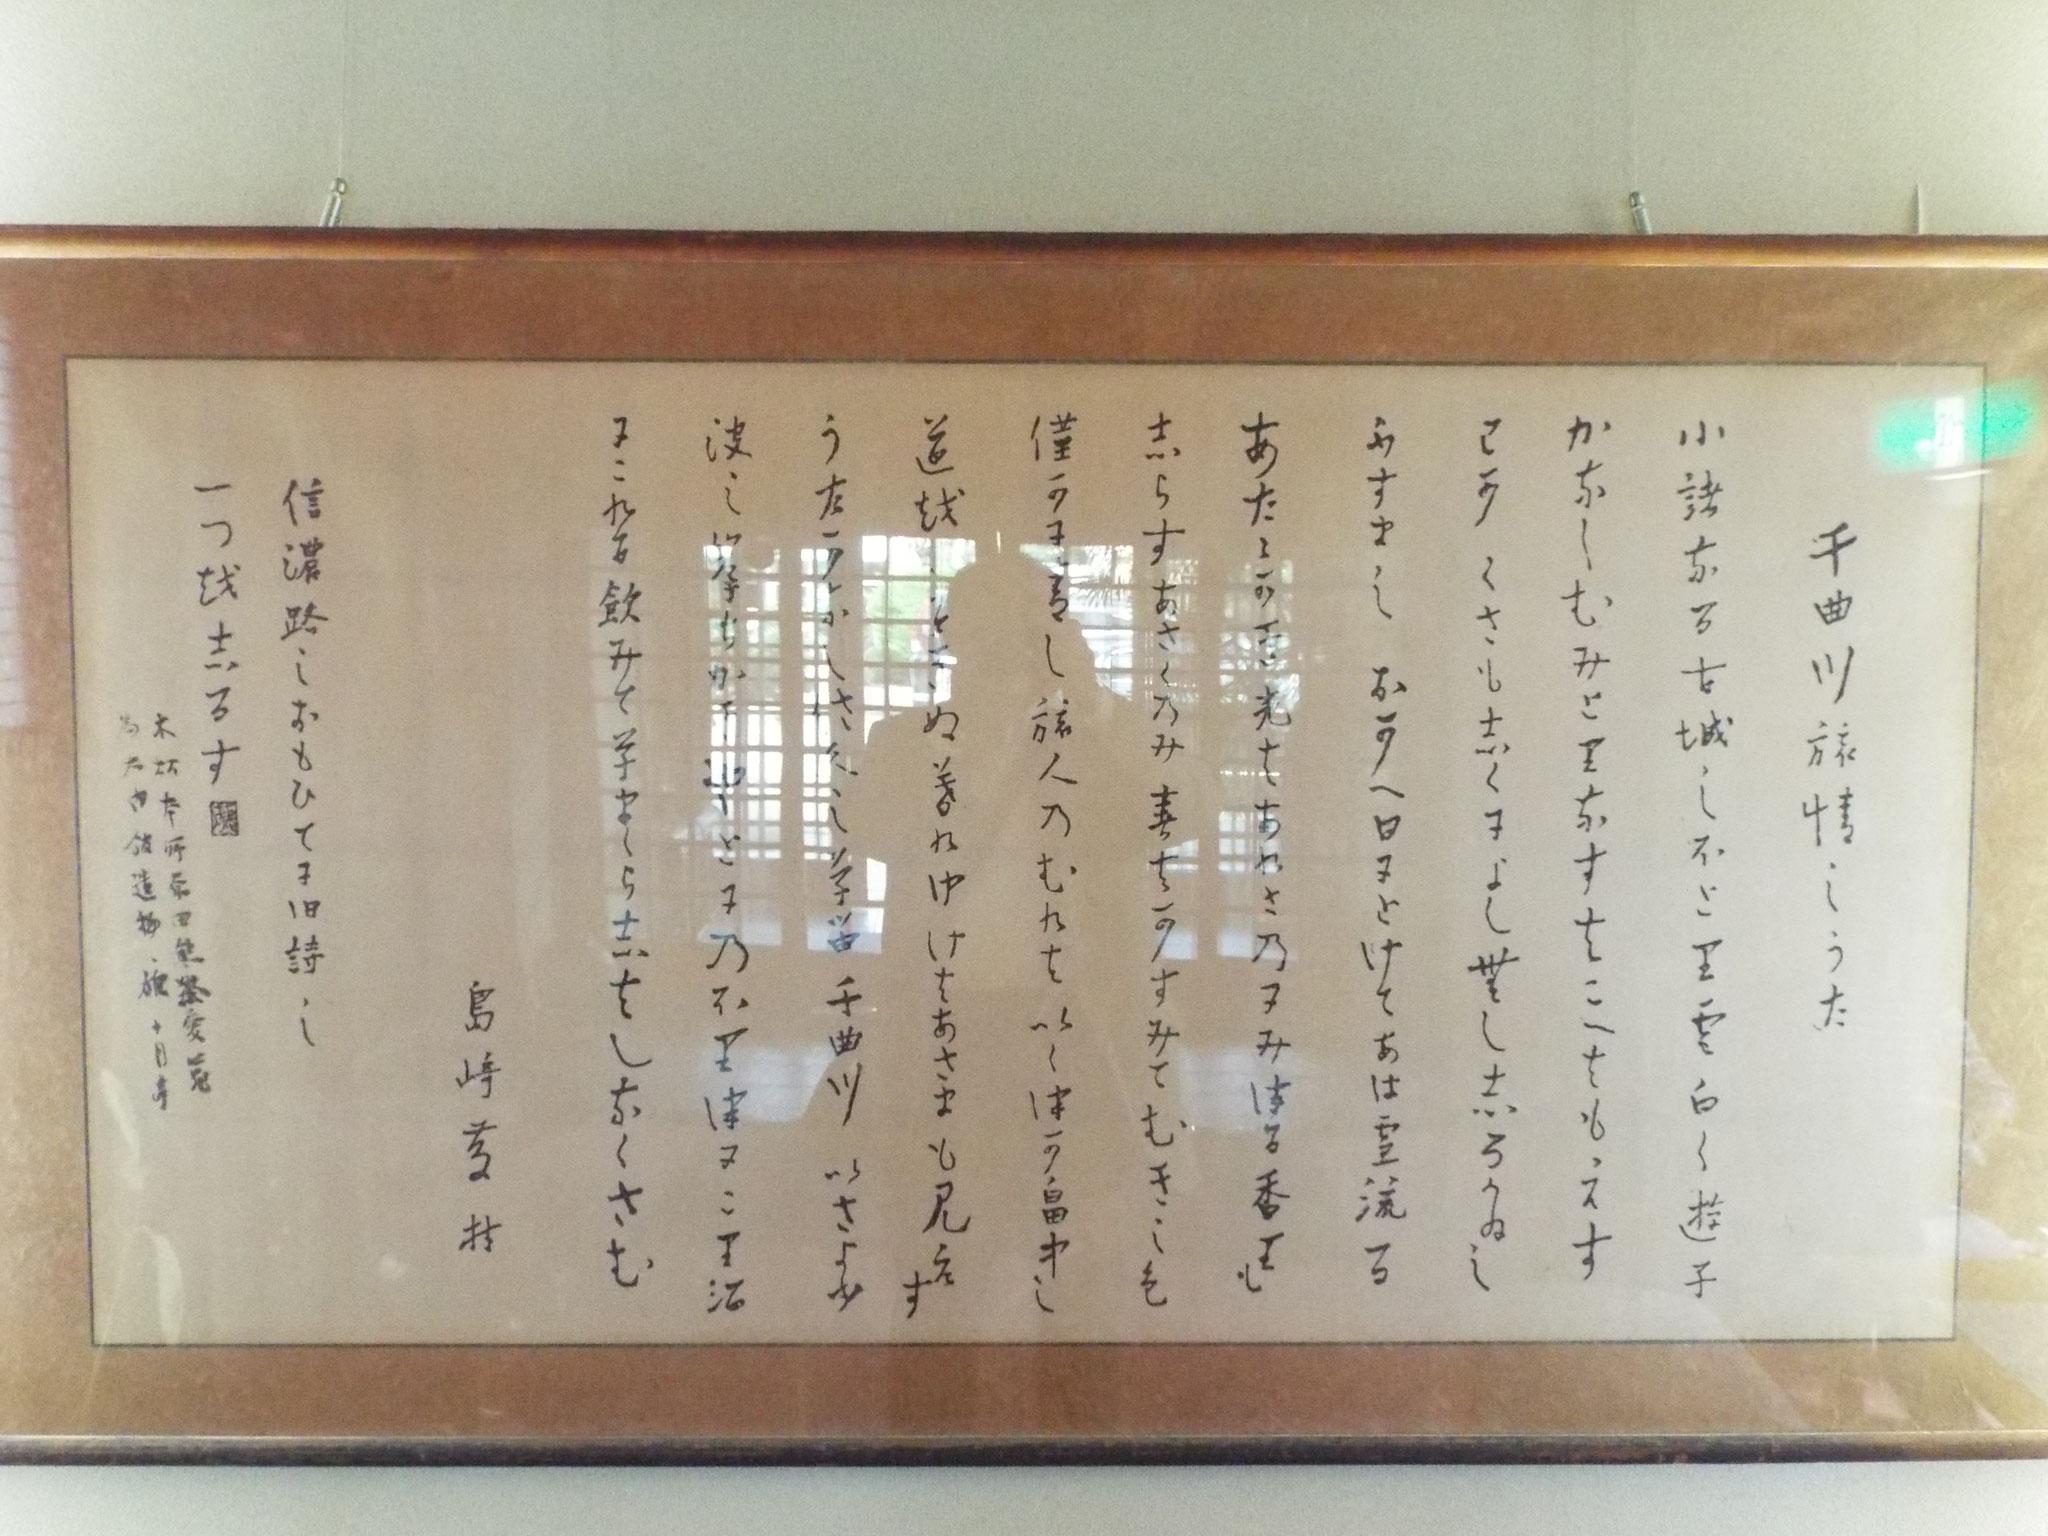 近くの地福寺に眠る島崎藤村の記「千曲川旅情のうた」